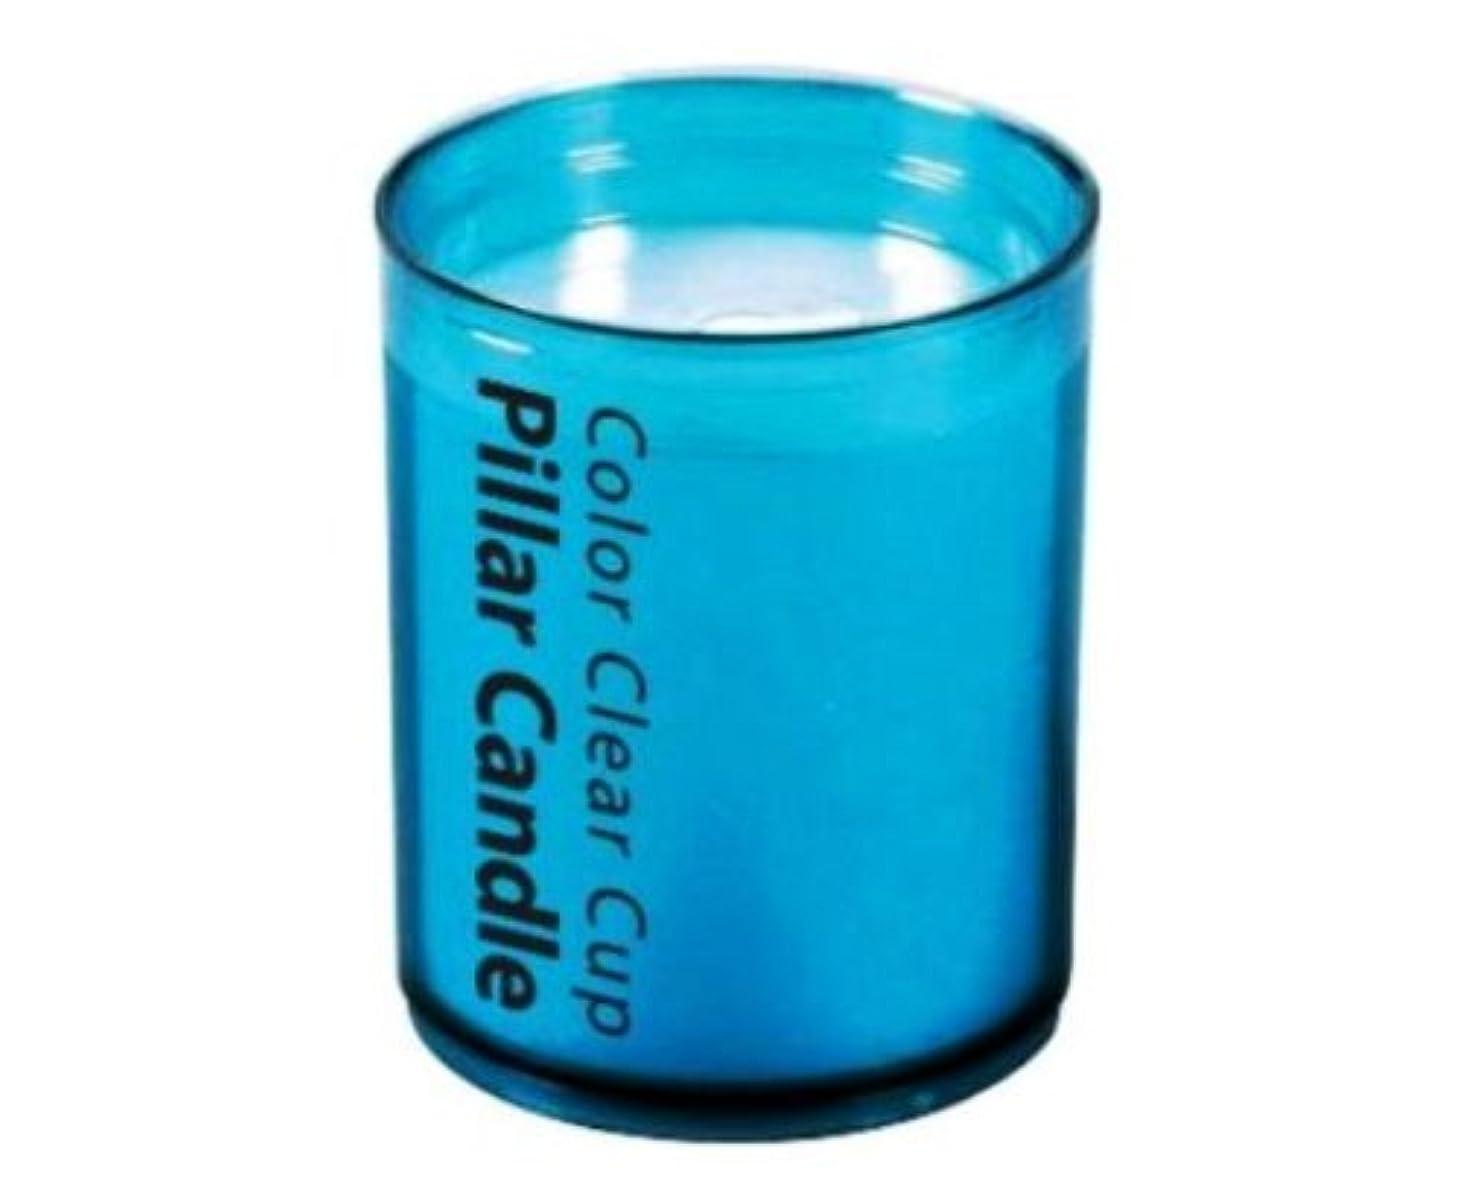 仕事に行く行うポータルカメヤマ カラークリアカップピラー3インチ ブルー